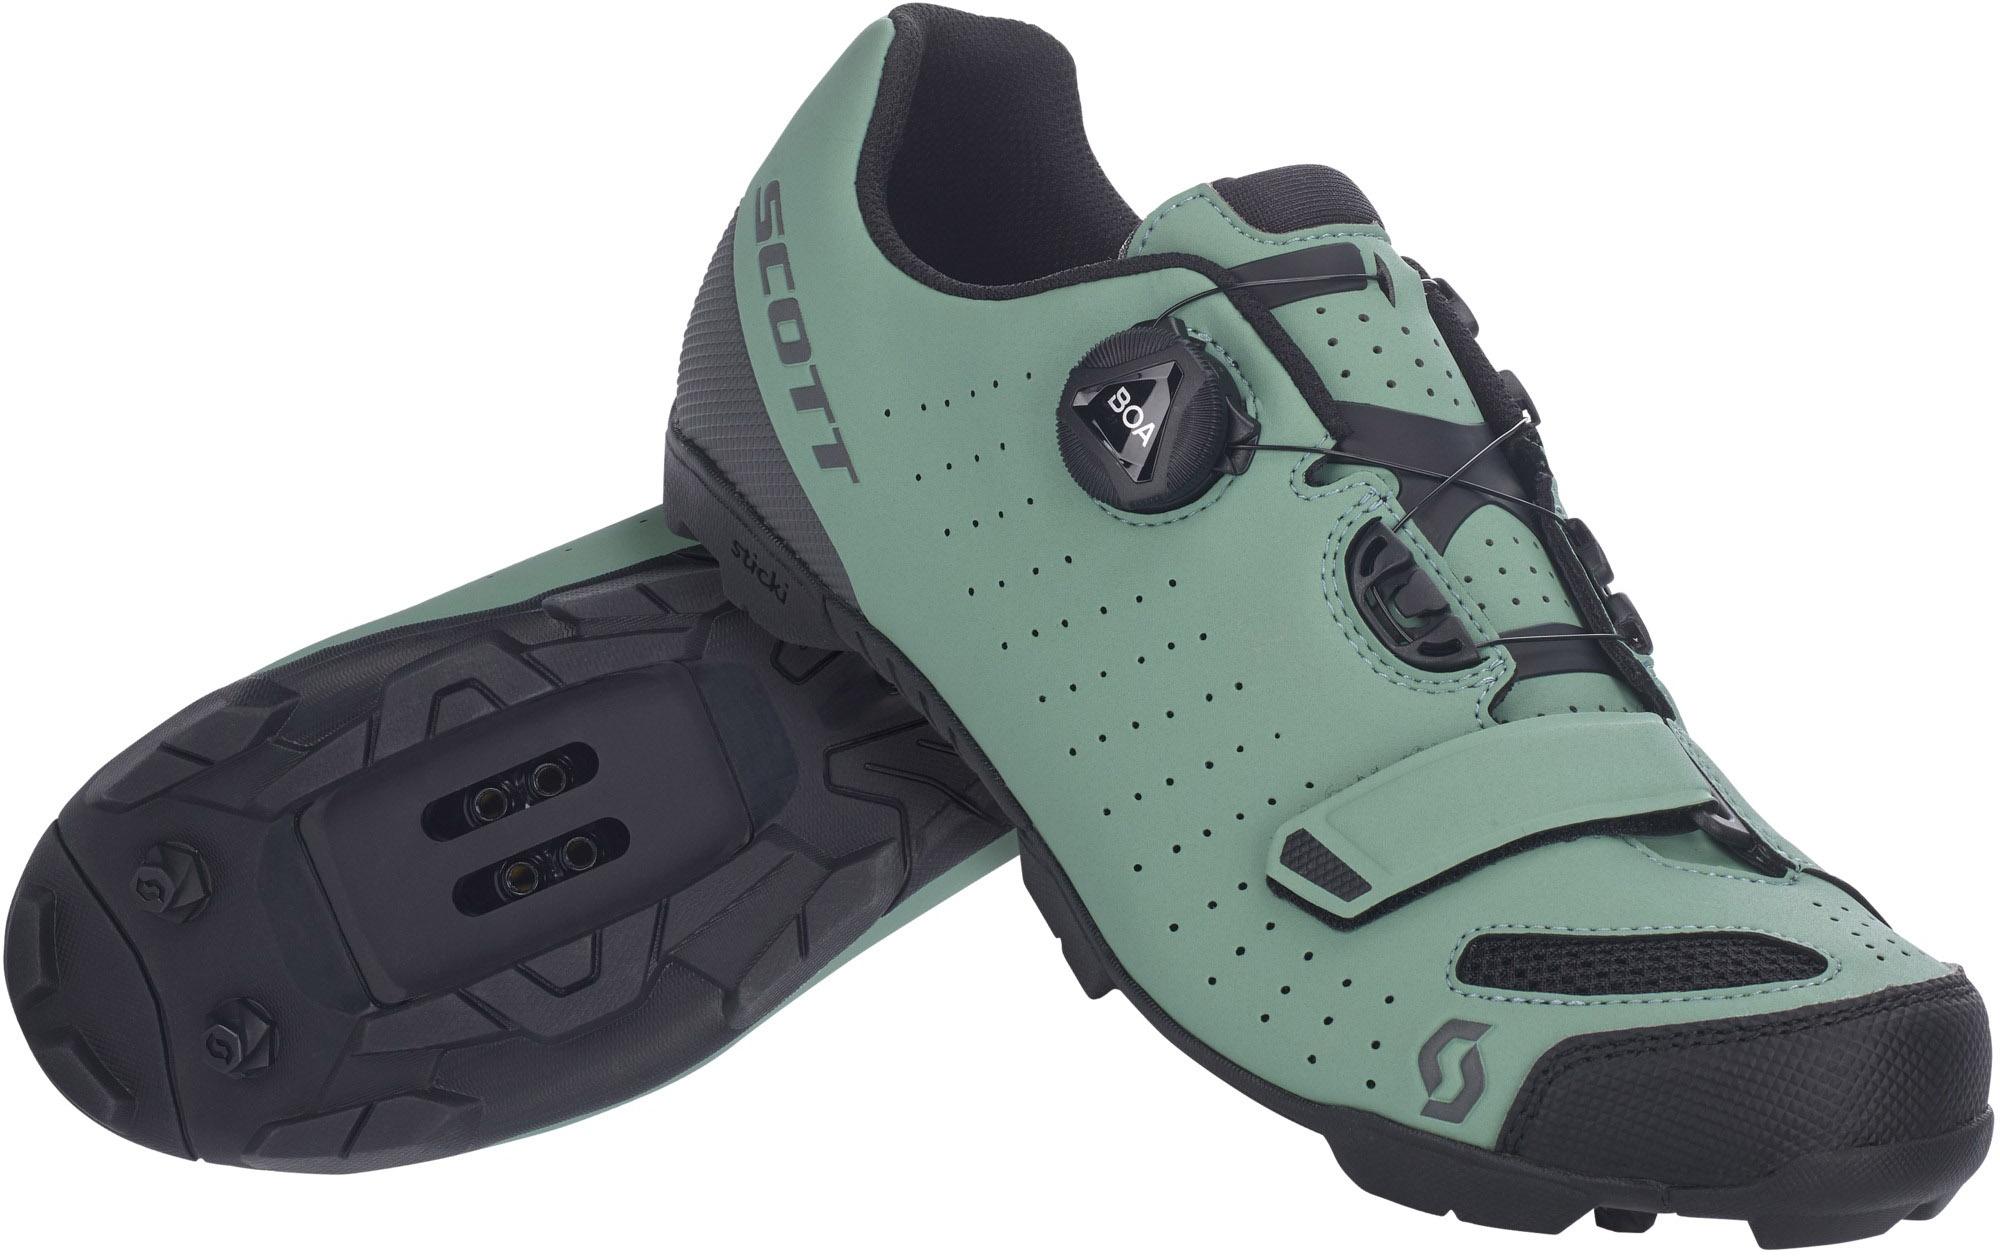 SCOTT MTB Comp BOA Cykelsko - Grøn